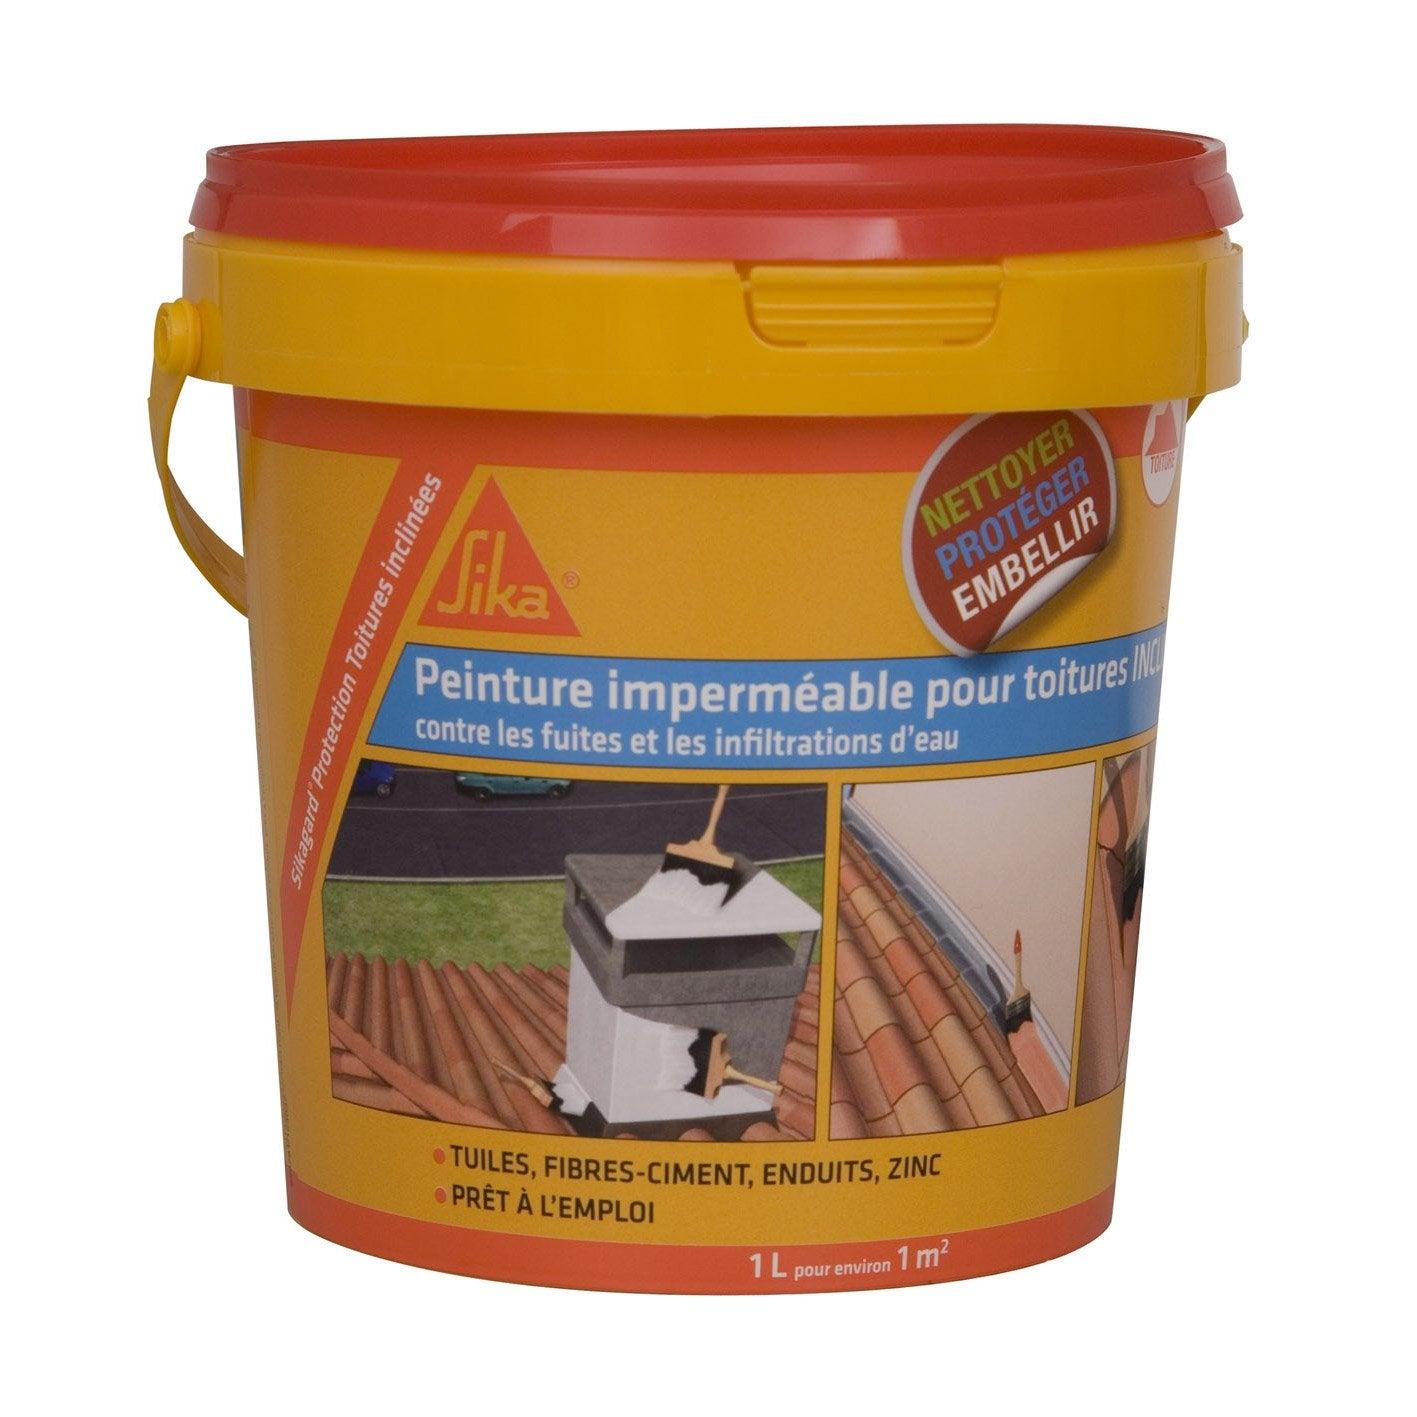 Imperm abilisant sika sikagard 1 l terre cuite leroy merlin - Produit impermeabilisant pour toiture ...